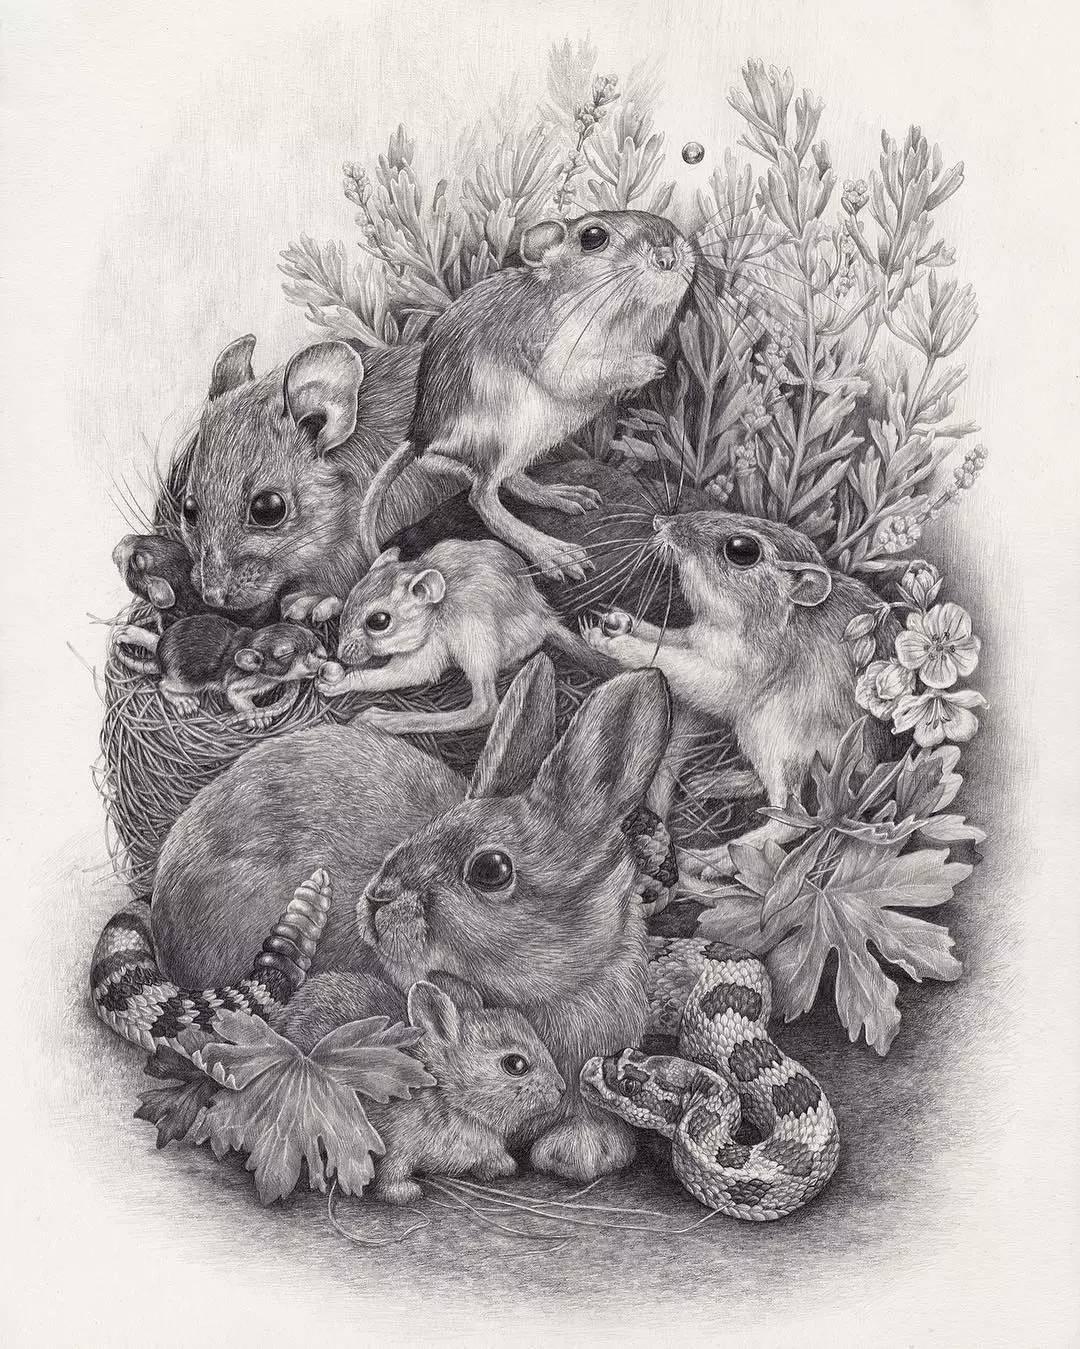 她的画大多是用铅笔或者针管笔绘制出来的 / 她画笔下的动物都可以开